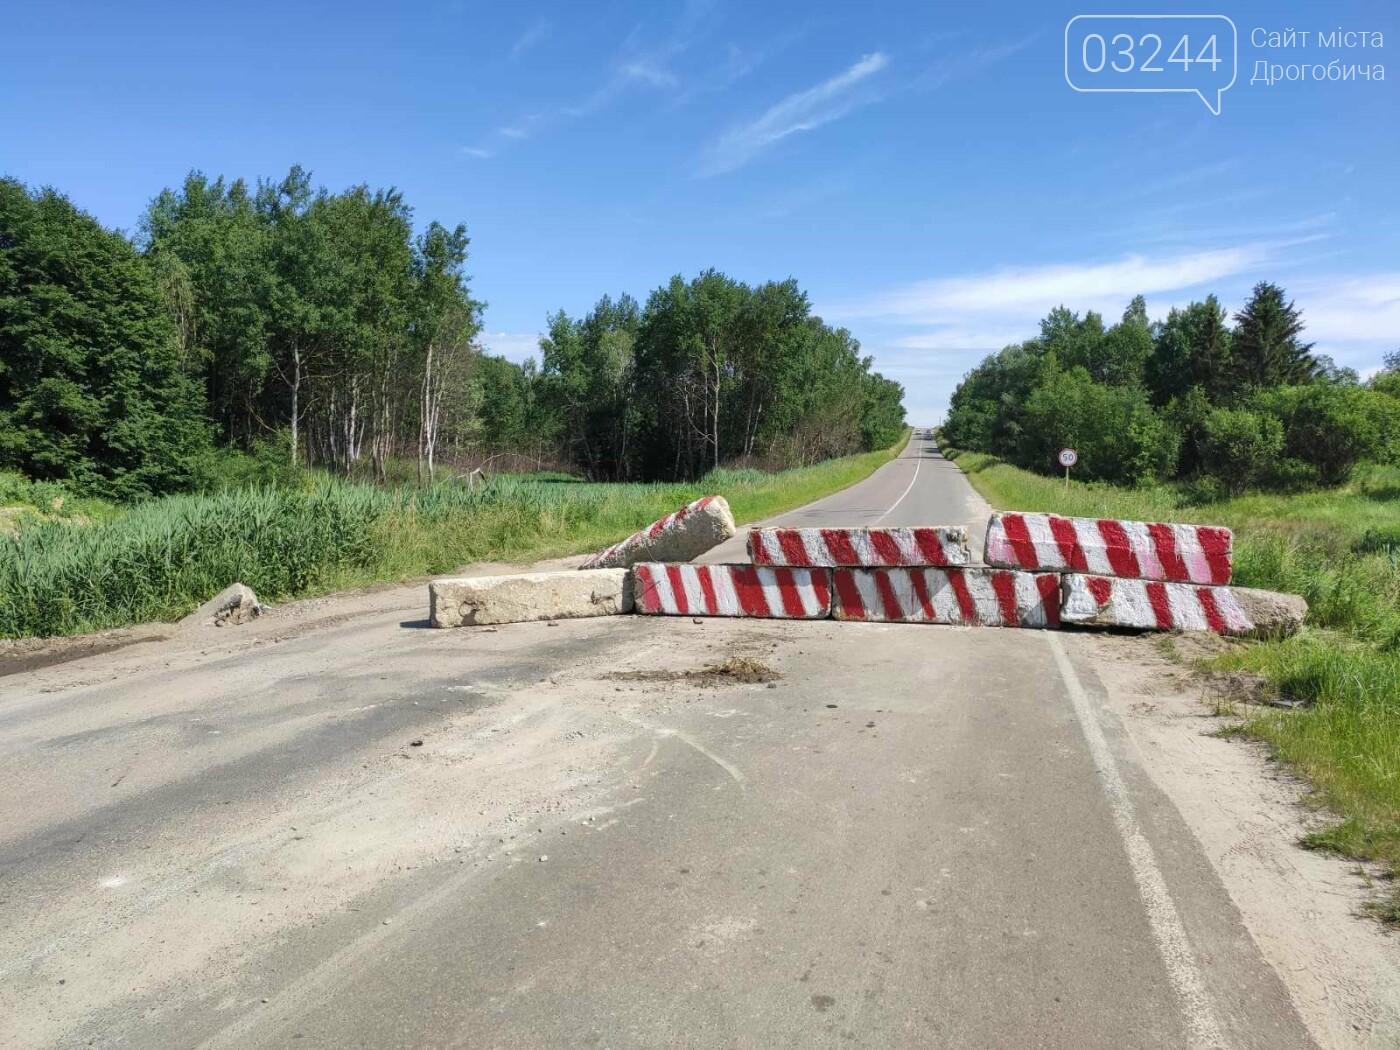 Дорогу на Трускавець вчергове відкрили: вночі відсунули бетонні блоки, - ФОТО, фото-1